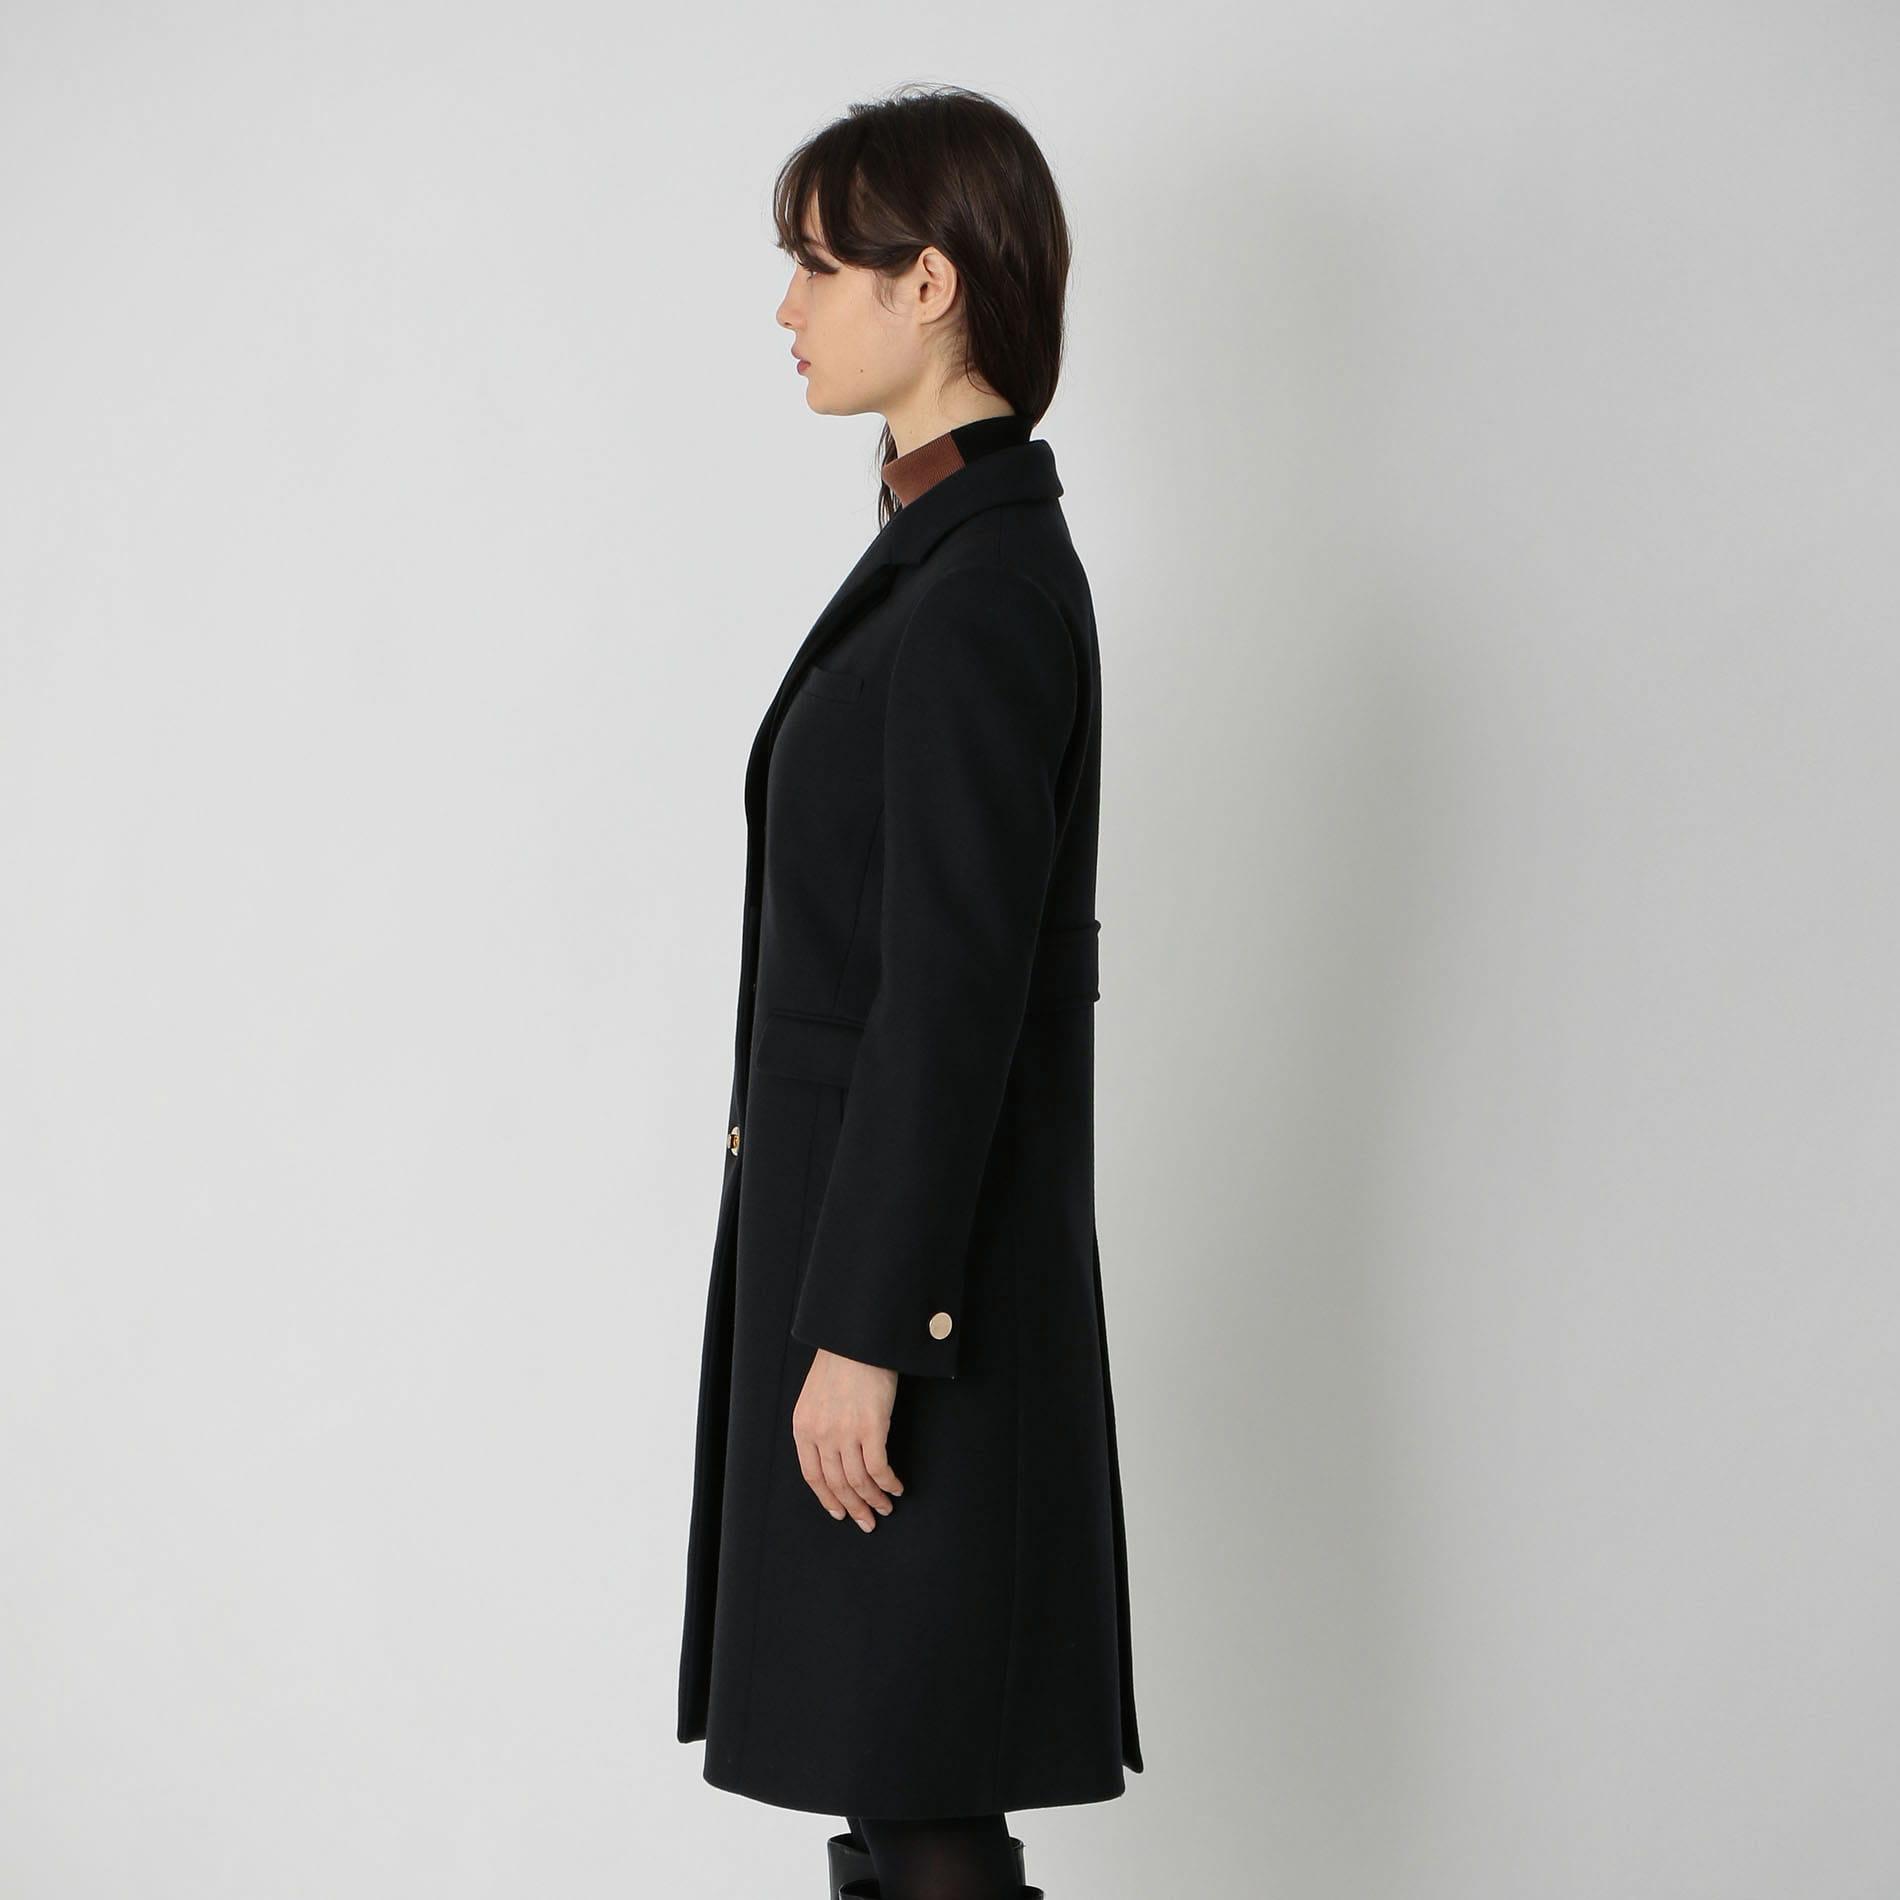 【Milior】クラシック コート